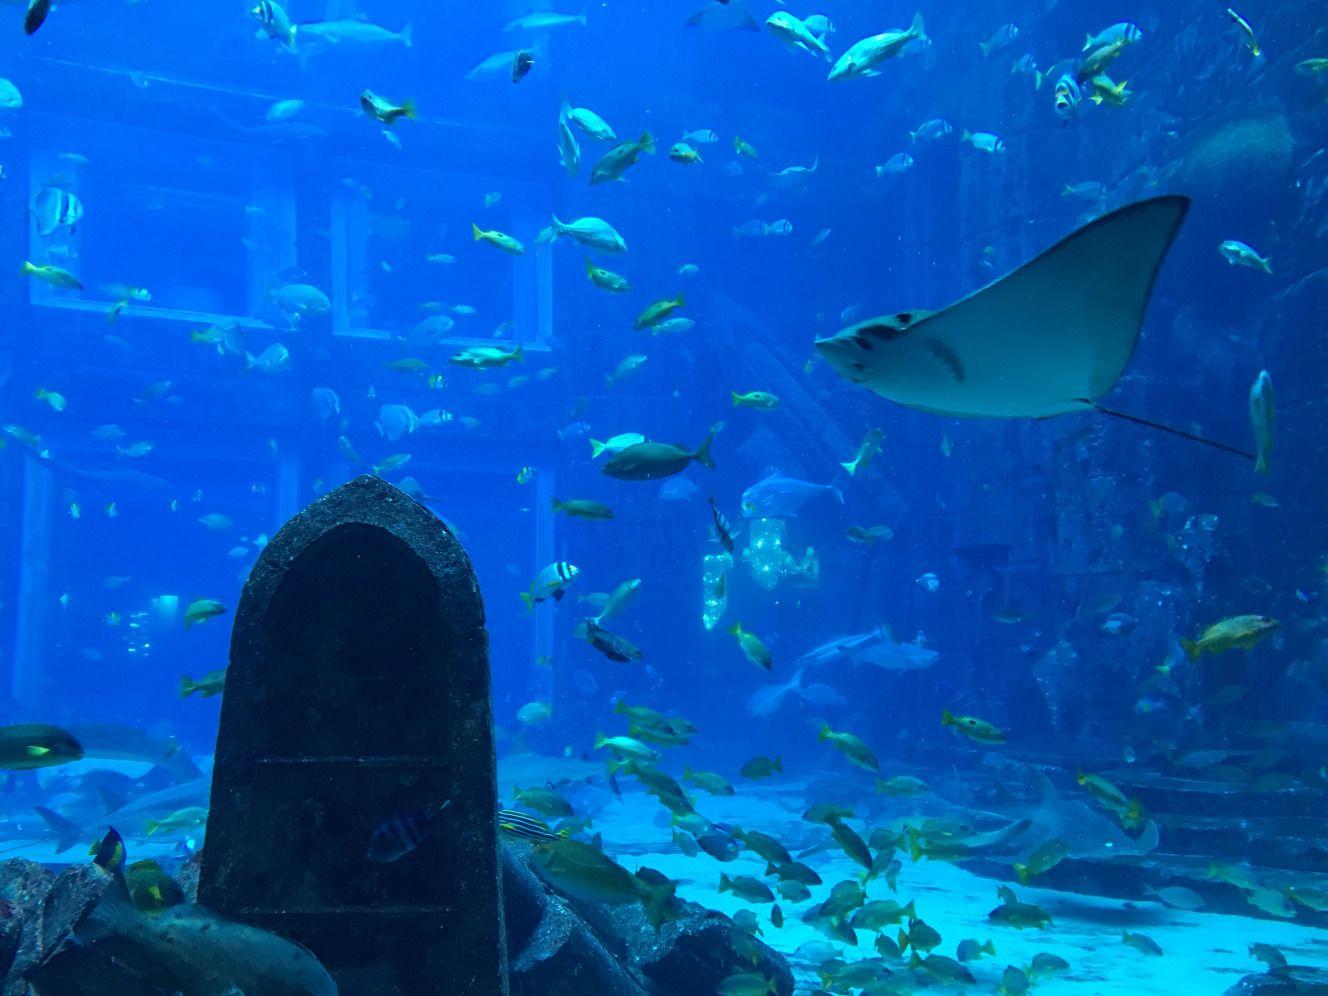 Freshwater aquarium fish in dubai - Aquarium Fish Tank Dubai